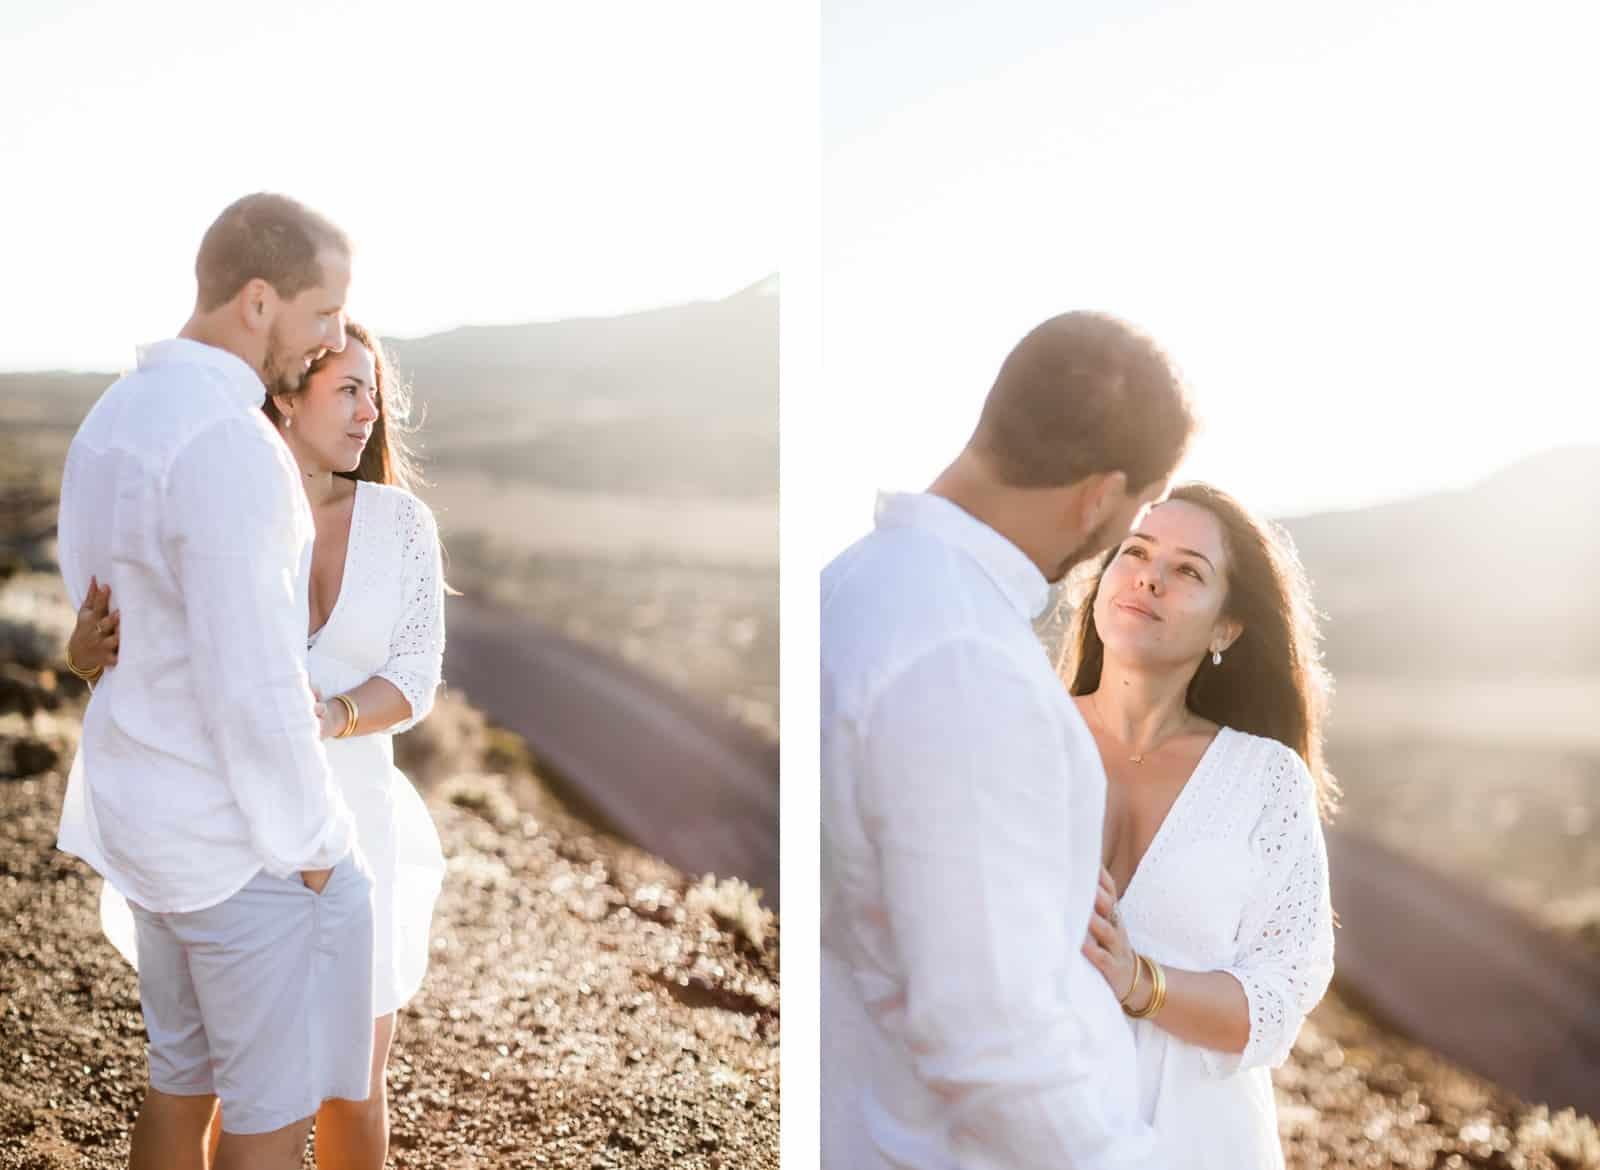 Photographie de Mathieu Dété, photographe de mariage et couple à Saint-Pierre de la Réunion 974, présentant une femme enlacée à son compagnon au lever du soleil à la Plaine des Sables